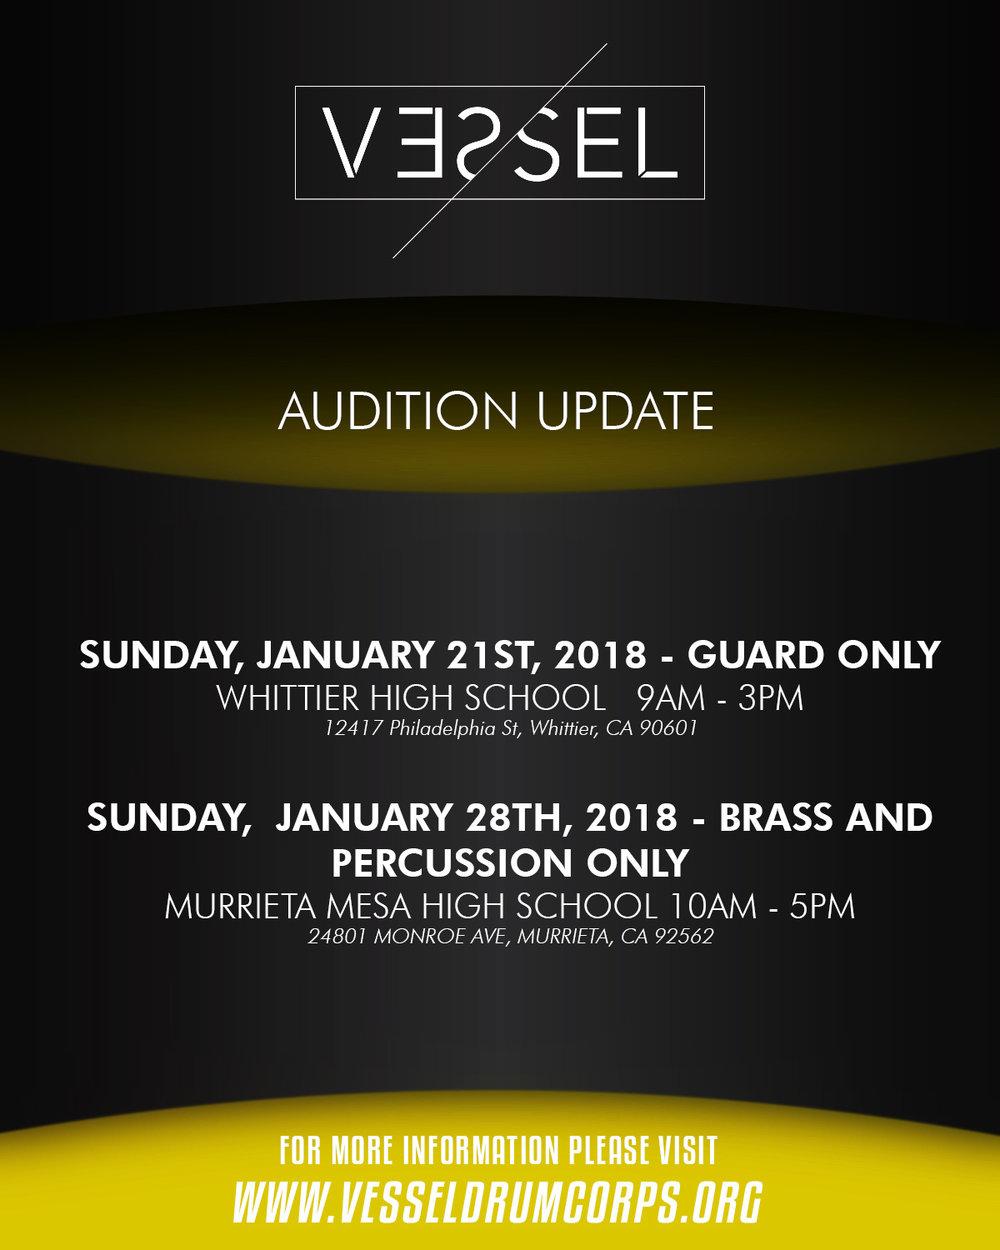 audition-update.jpg